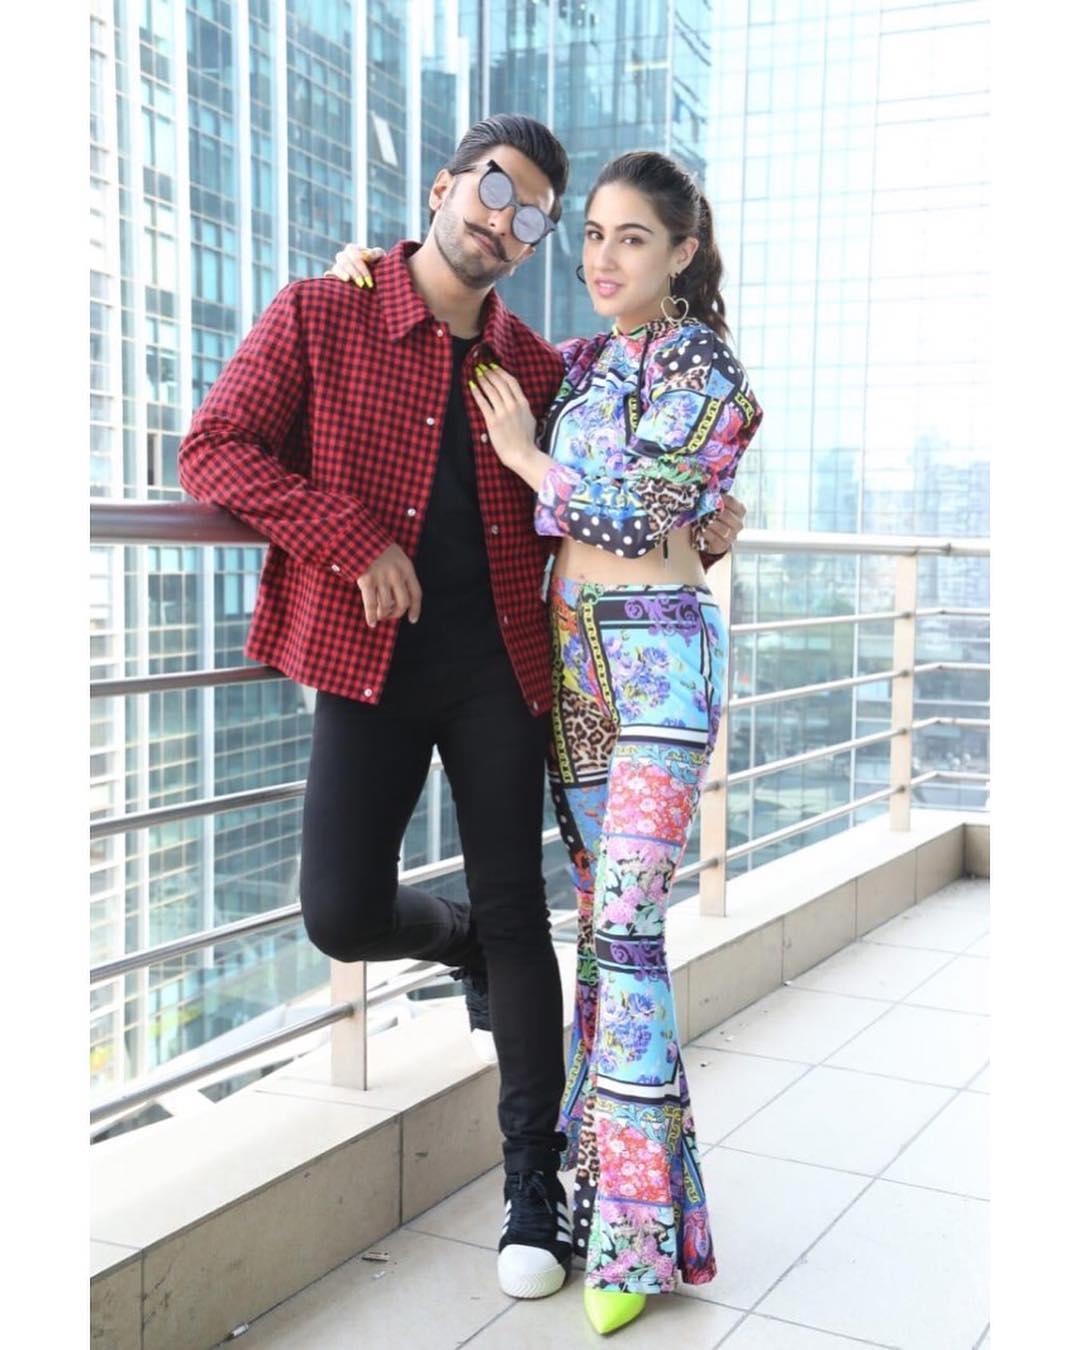 రణ్ వీర్ సింగ్తో సారా అలీ ఖాన్ Photo: Instagram.com/saraalikhan95